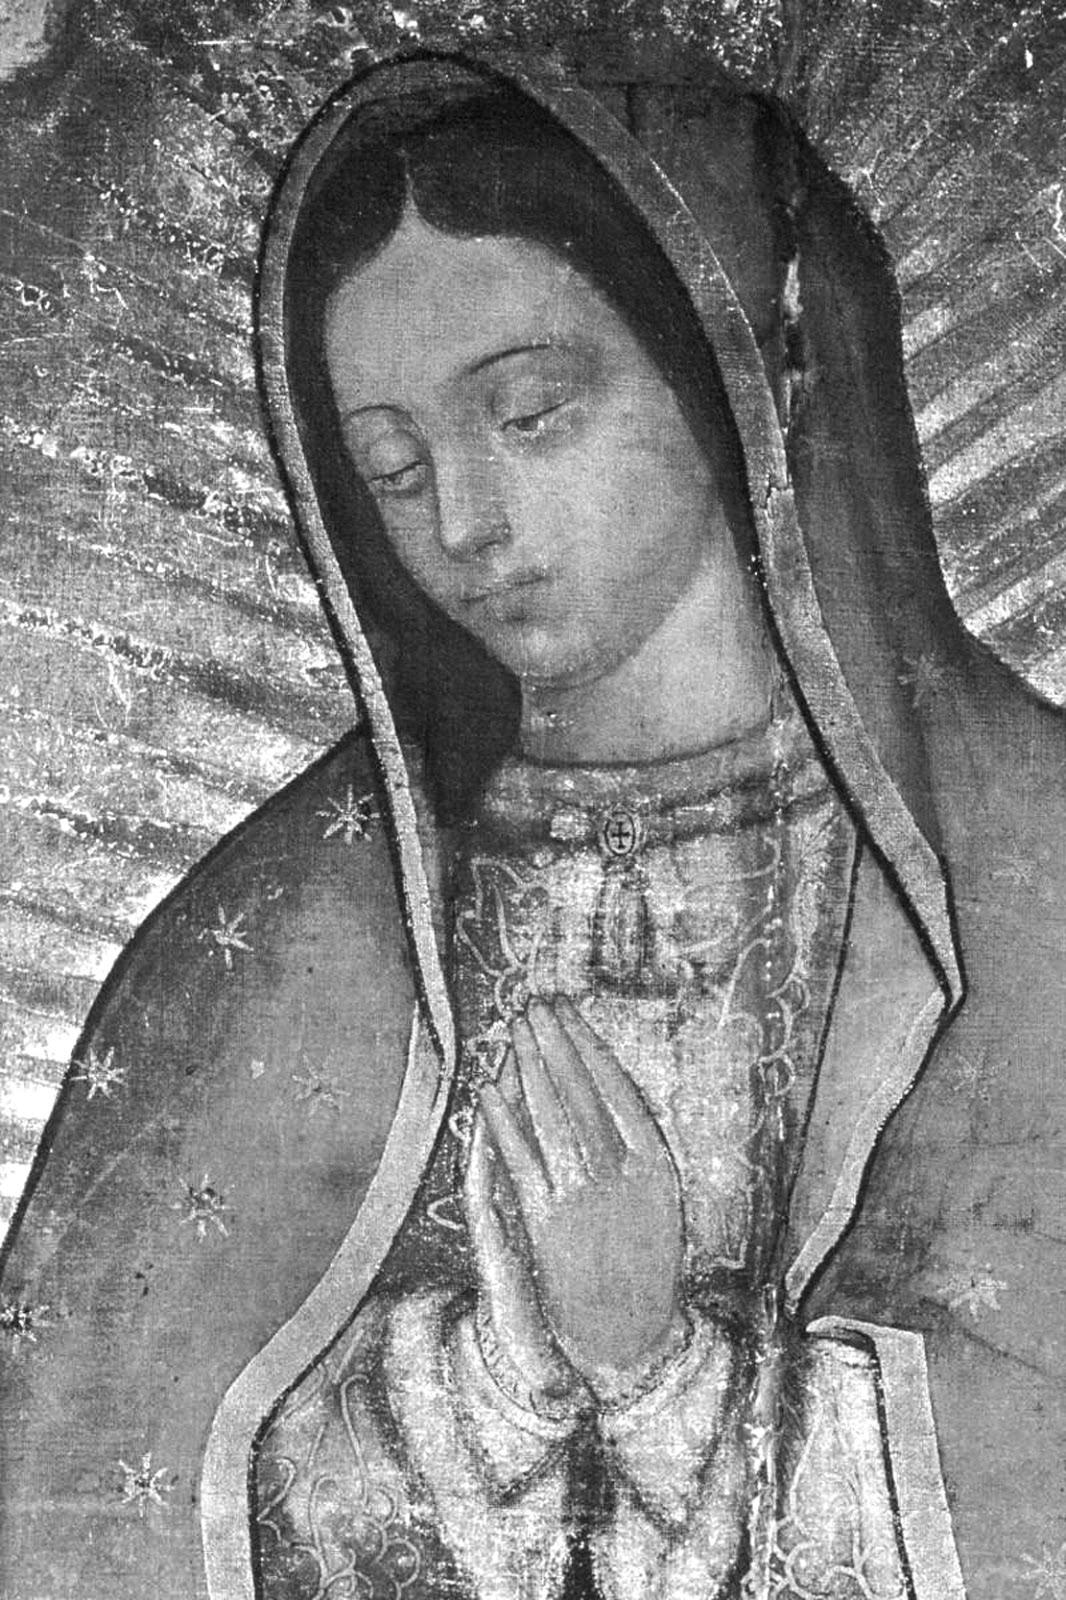 La Virgen De Guadalupe Scsschool